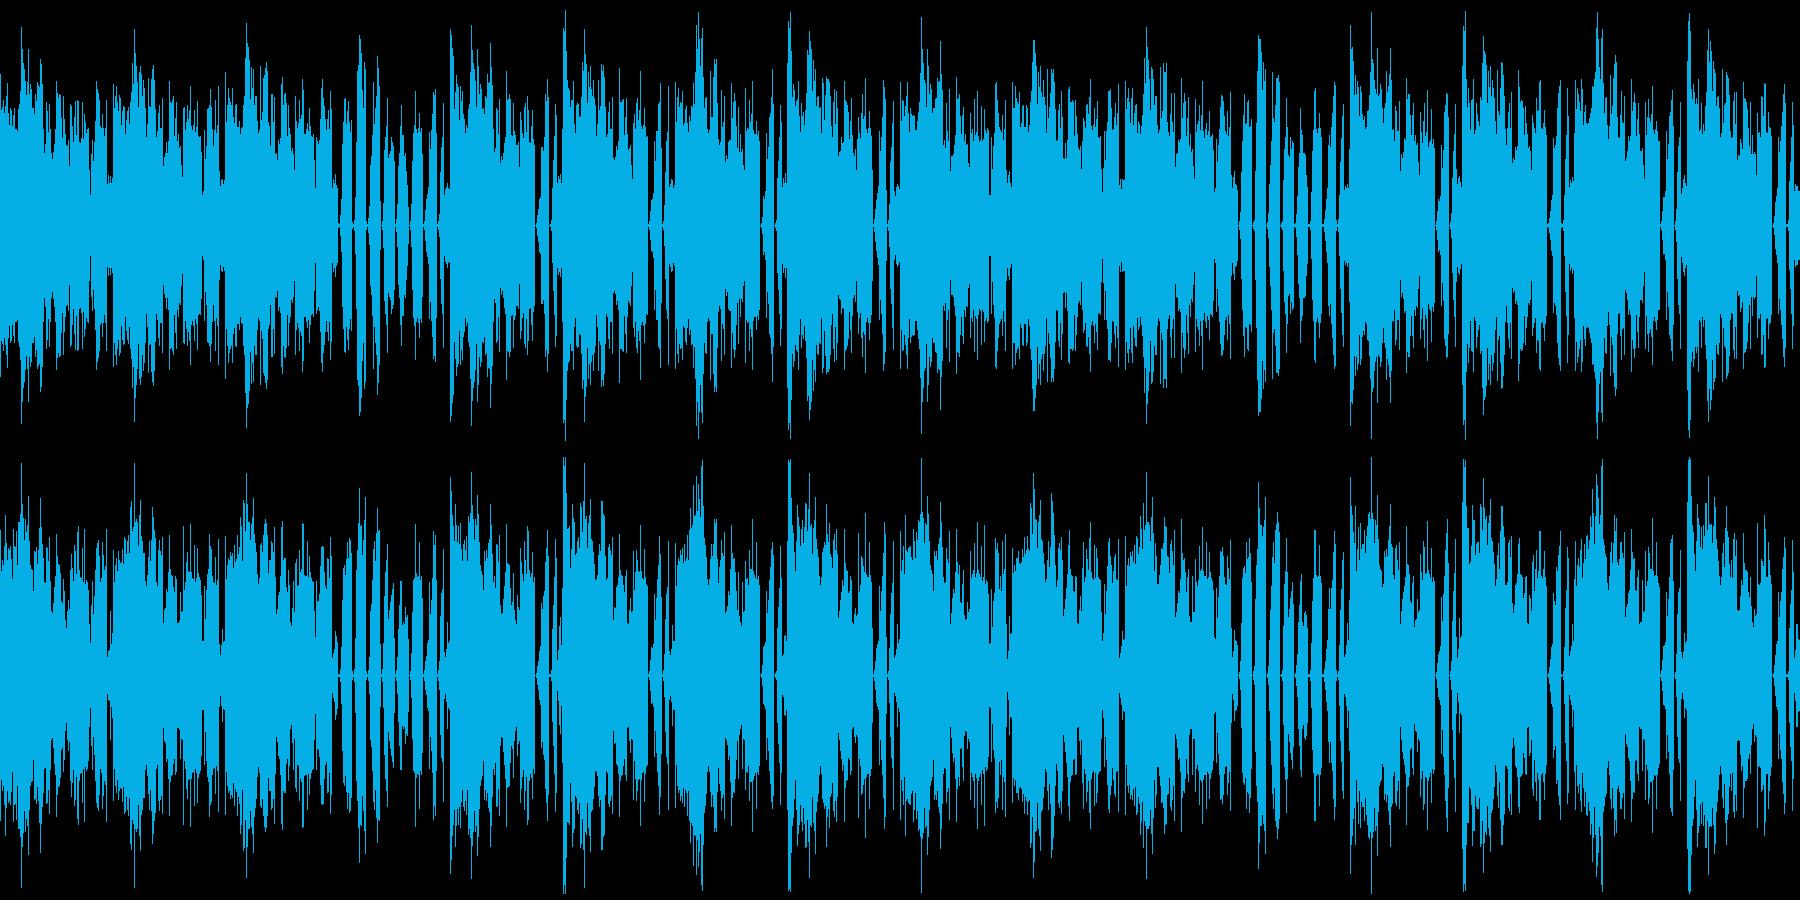 【ムードたっぷりおしゃれSAXJAZZ】の再生済みの波形